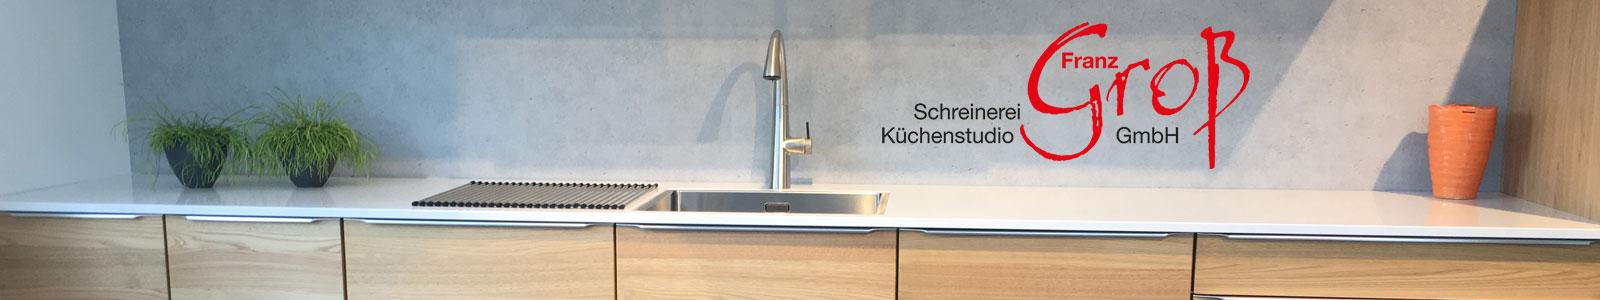 Schreinerei Küchenstudio Franz Groß München